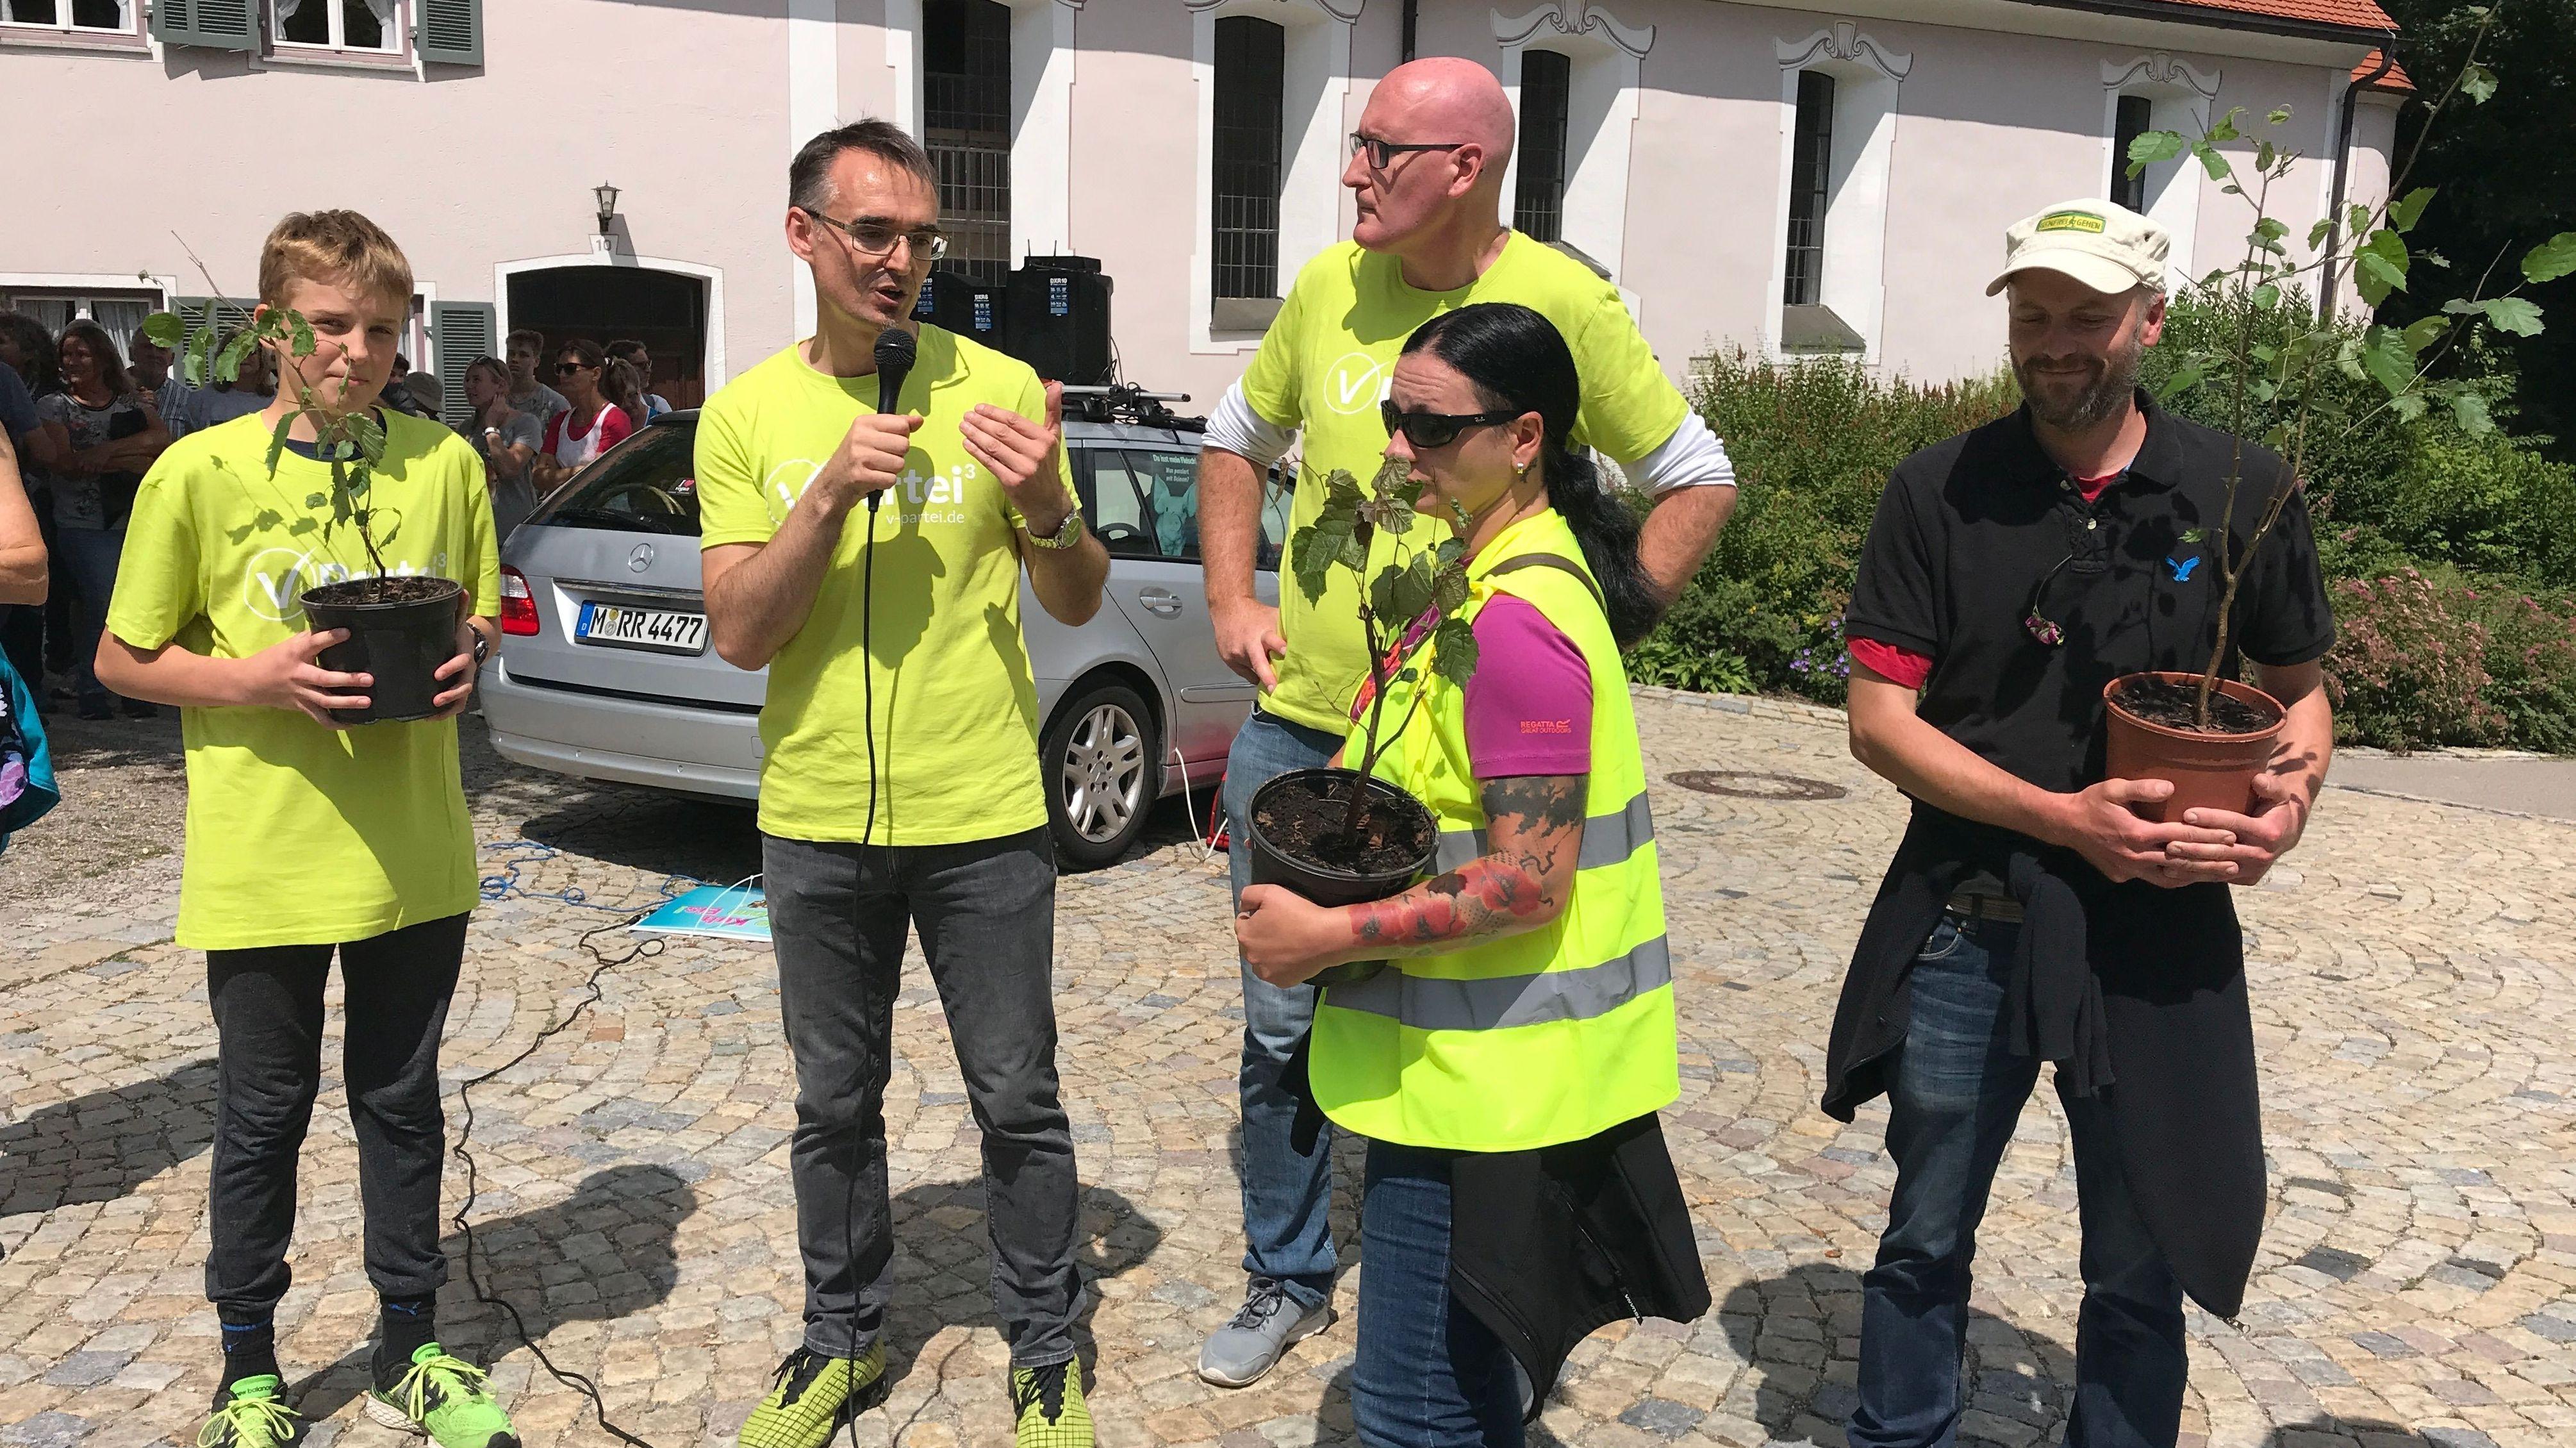 Gemeindevertreter erhalten Haselnuss-Sträucher als Zeichen für Nachhaltigkeit